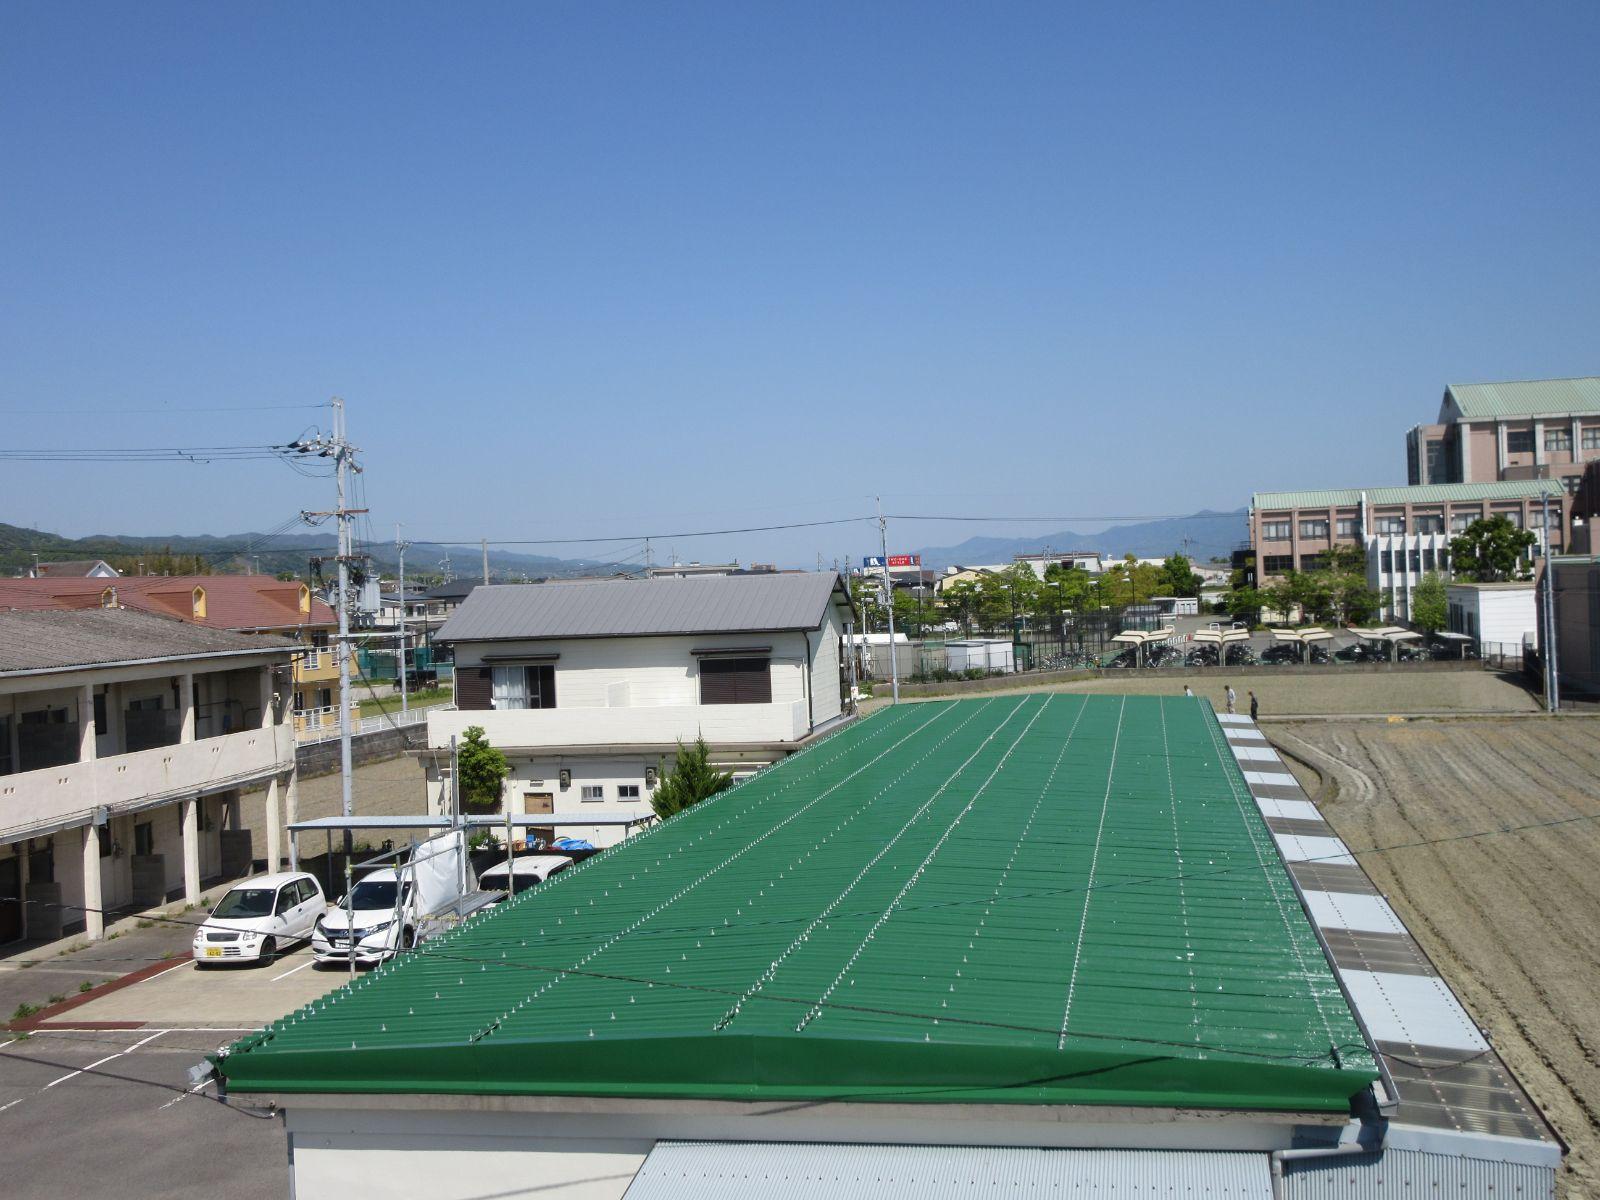 【和歌山市】屋根塗装・Y様アパート<br>『仕上がり性に優れ、高い光沢のある塗料で<br>鮮やかな緑色の屋根へ生まれ変わりました♪』